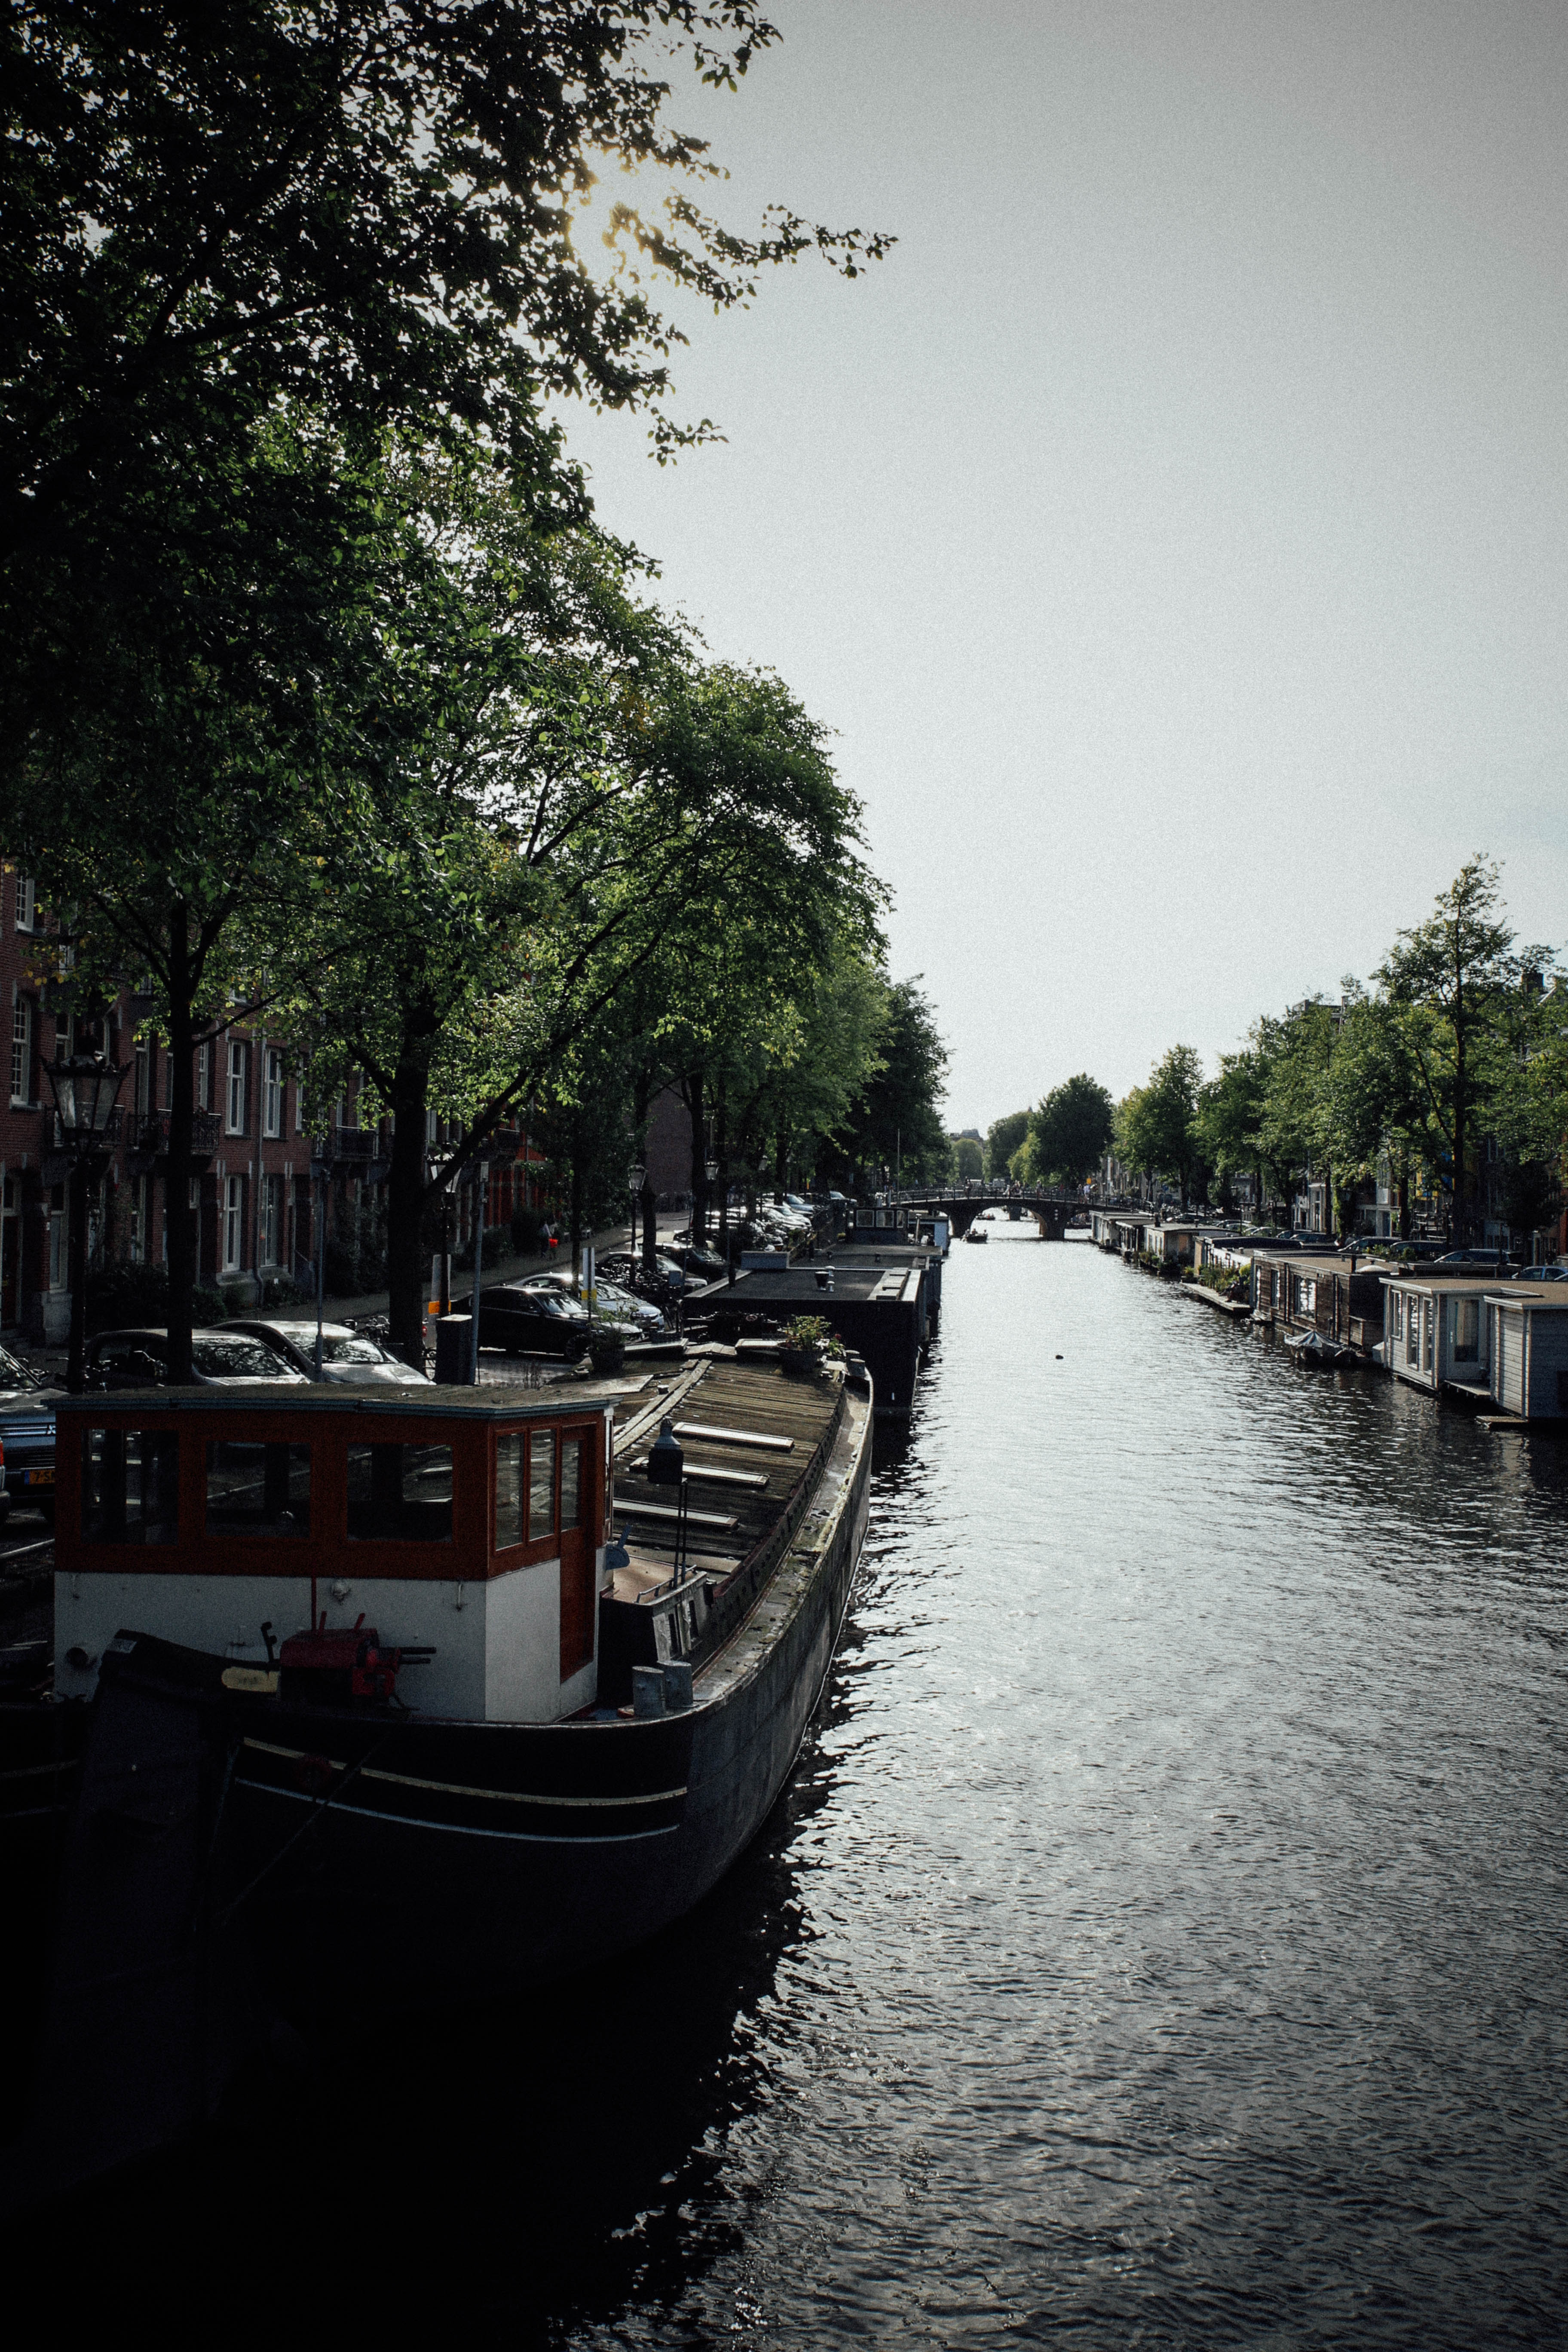 megandcook-voyage-amsterdam-587-1-sur-1